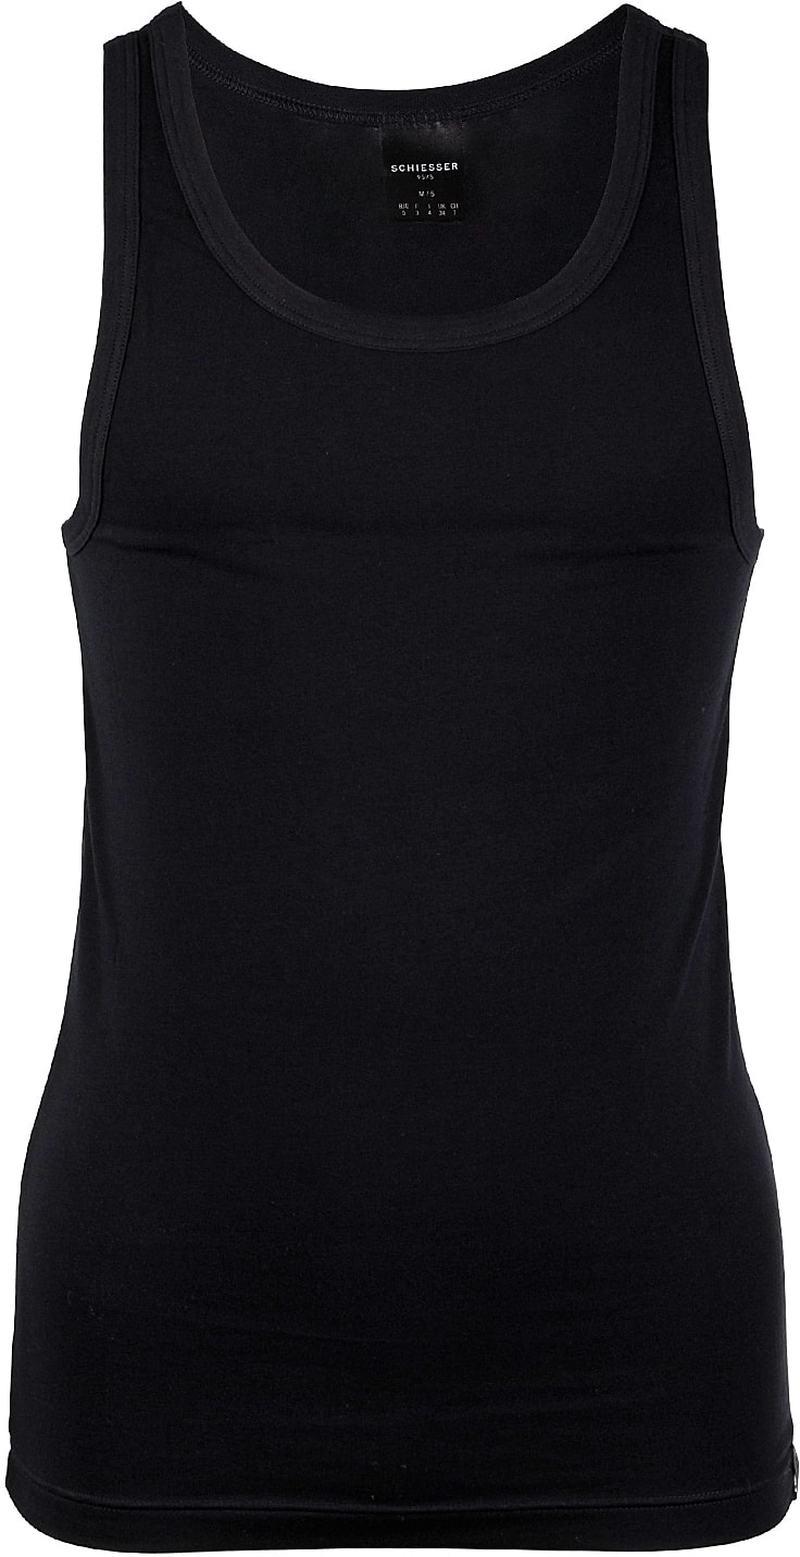 Schiesser Hemd Zwart foto 0